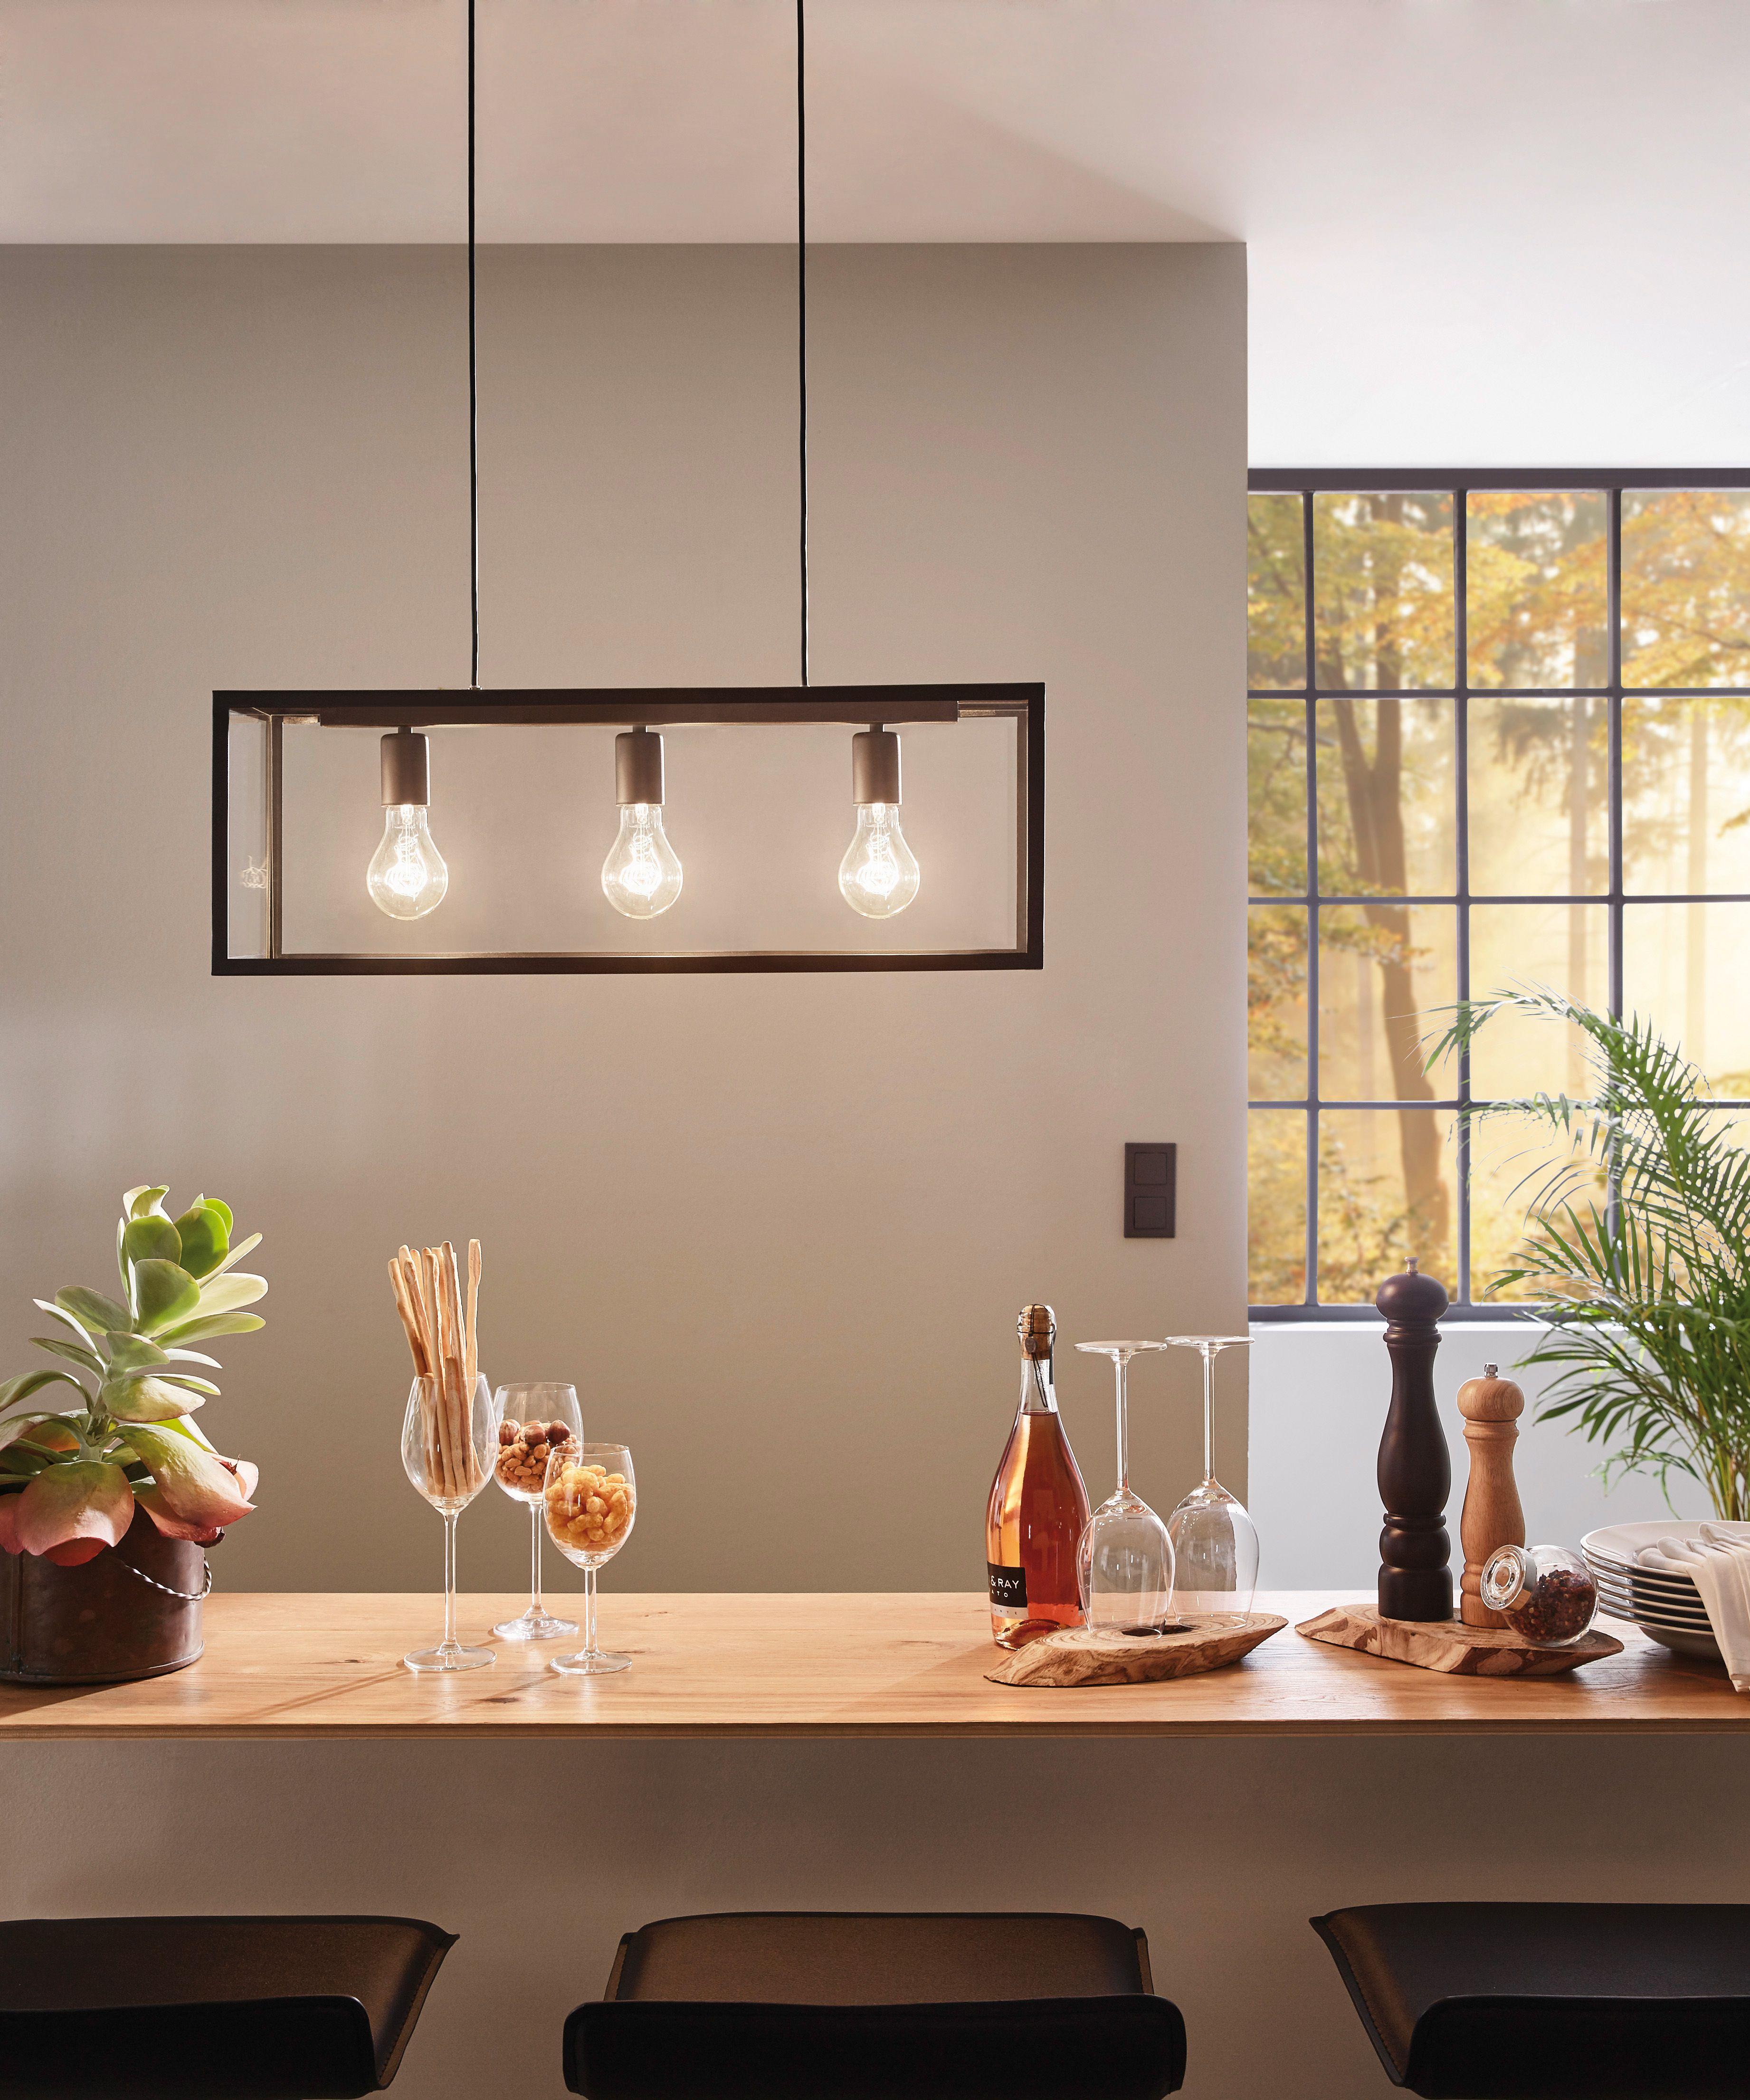 Lampada a sospensione vintage, tre lampadine. | Illuminazione ...